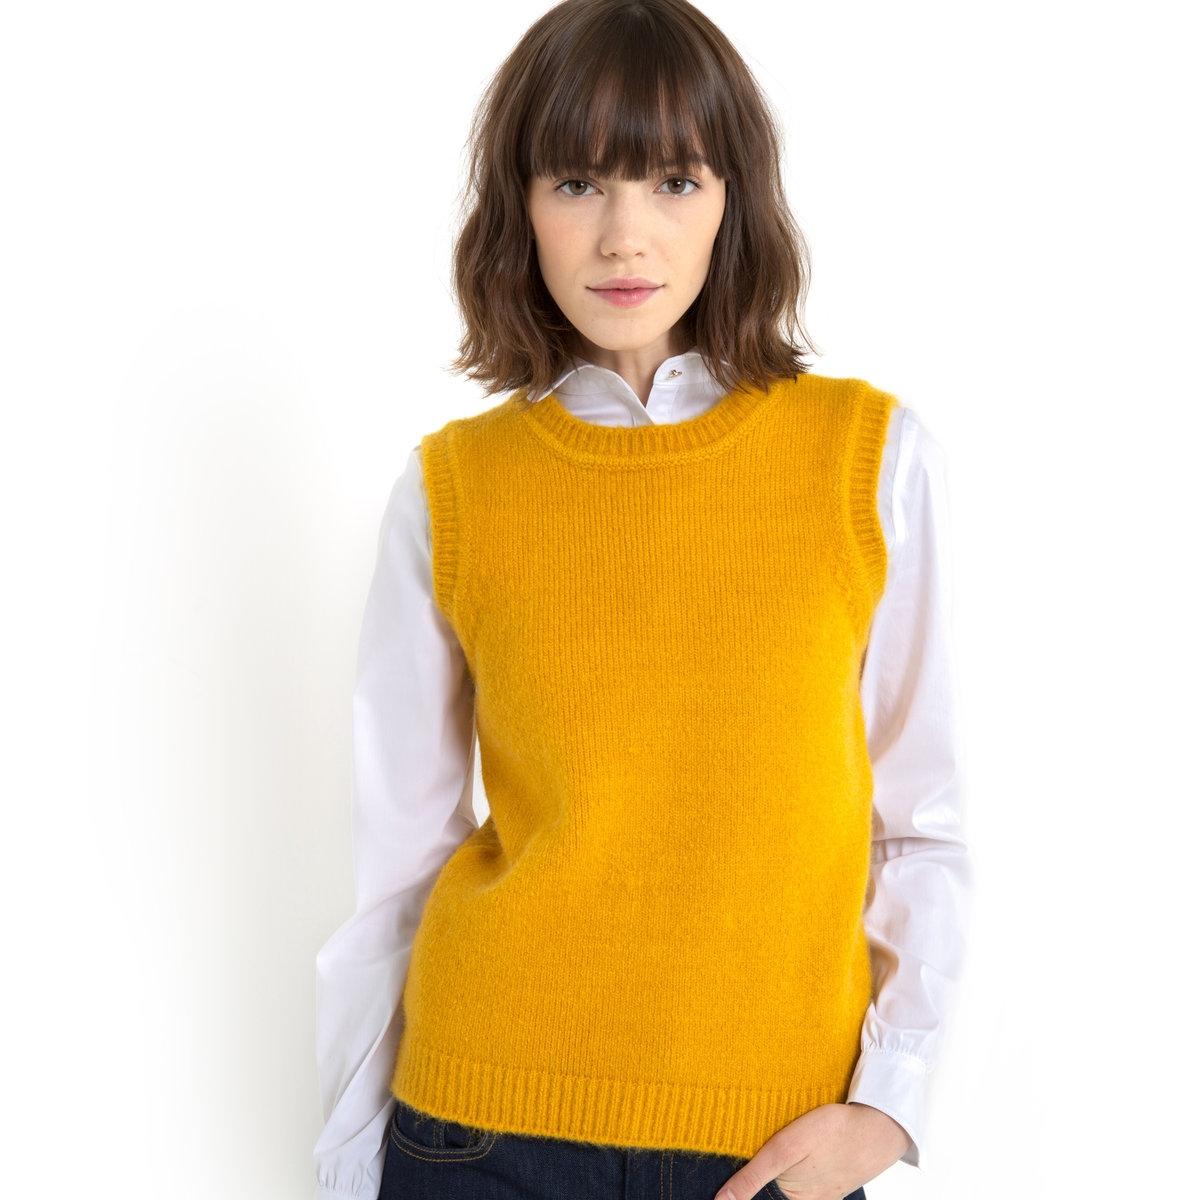 Пуловер без рукавовЯркая модель цвета шафран! Пуловер без рукавов. Закругленный вырез. Низ, вырез и края рукавов связаны в рубчик. 54% полиэстера, 41% акрида,5% шерсти. Длина. 50 см.<br><br>Цвет: шафран<br>Размер: 30/32 (FR) - 36/38 (RUS)